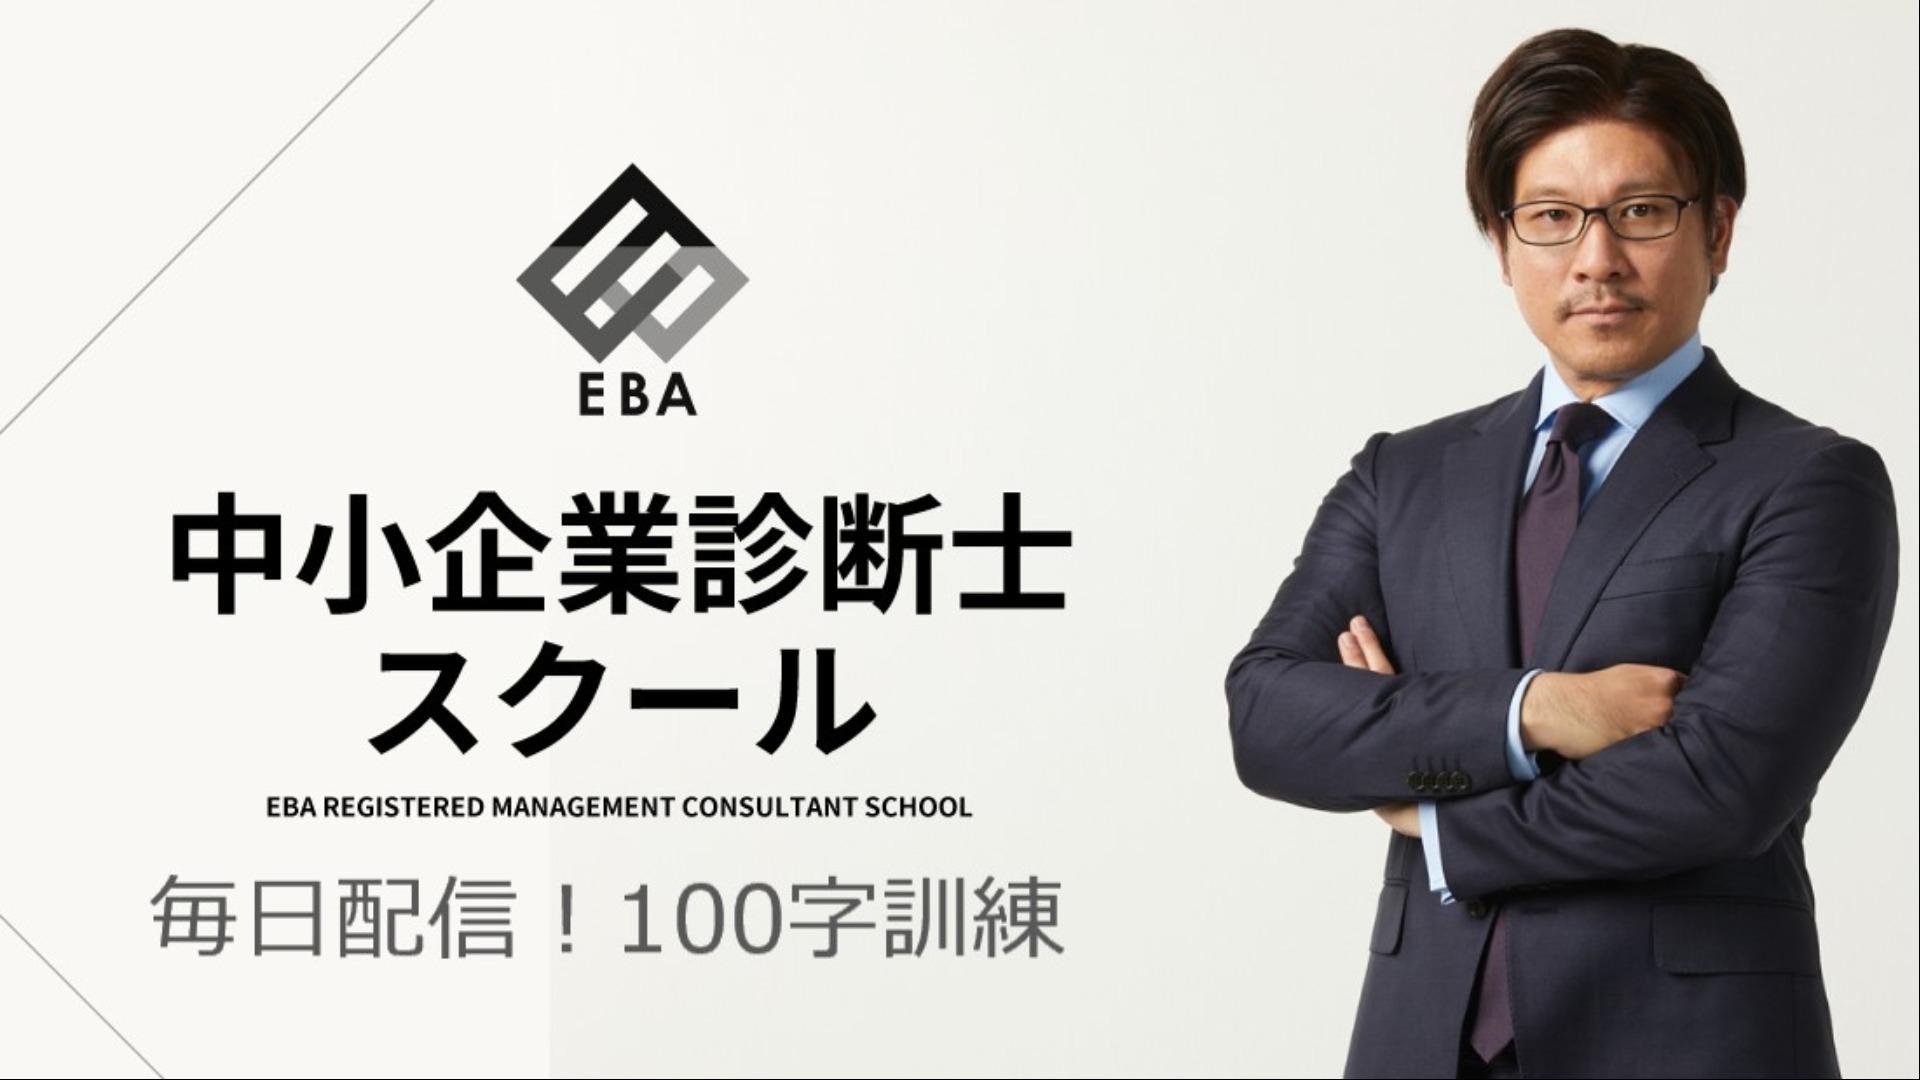 EBA中小企業診断士スクール 毎日配信!100字訓練